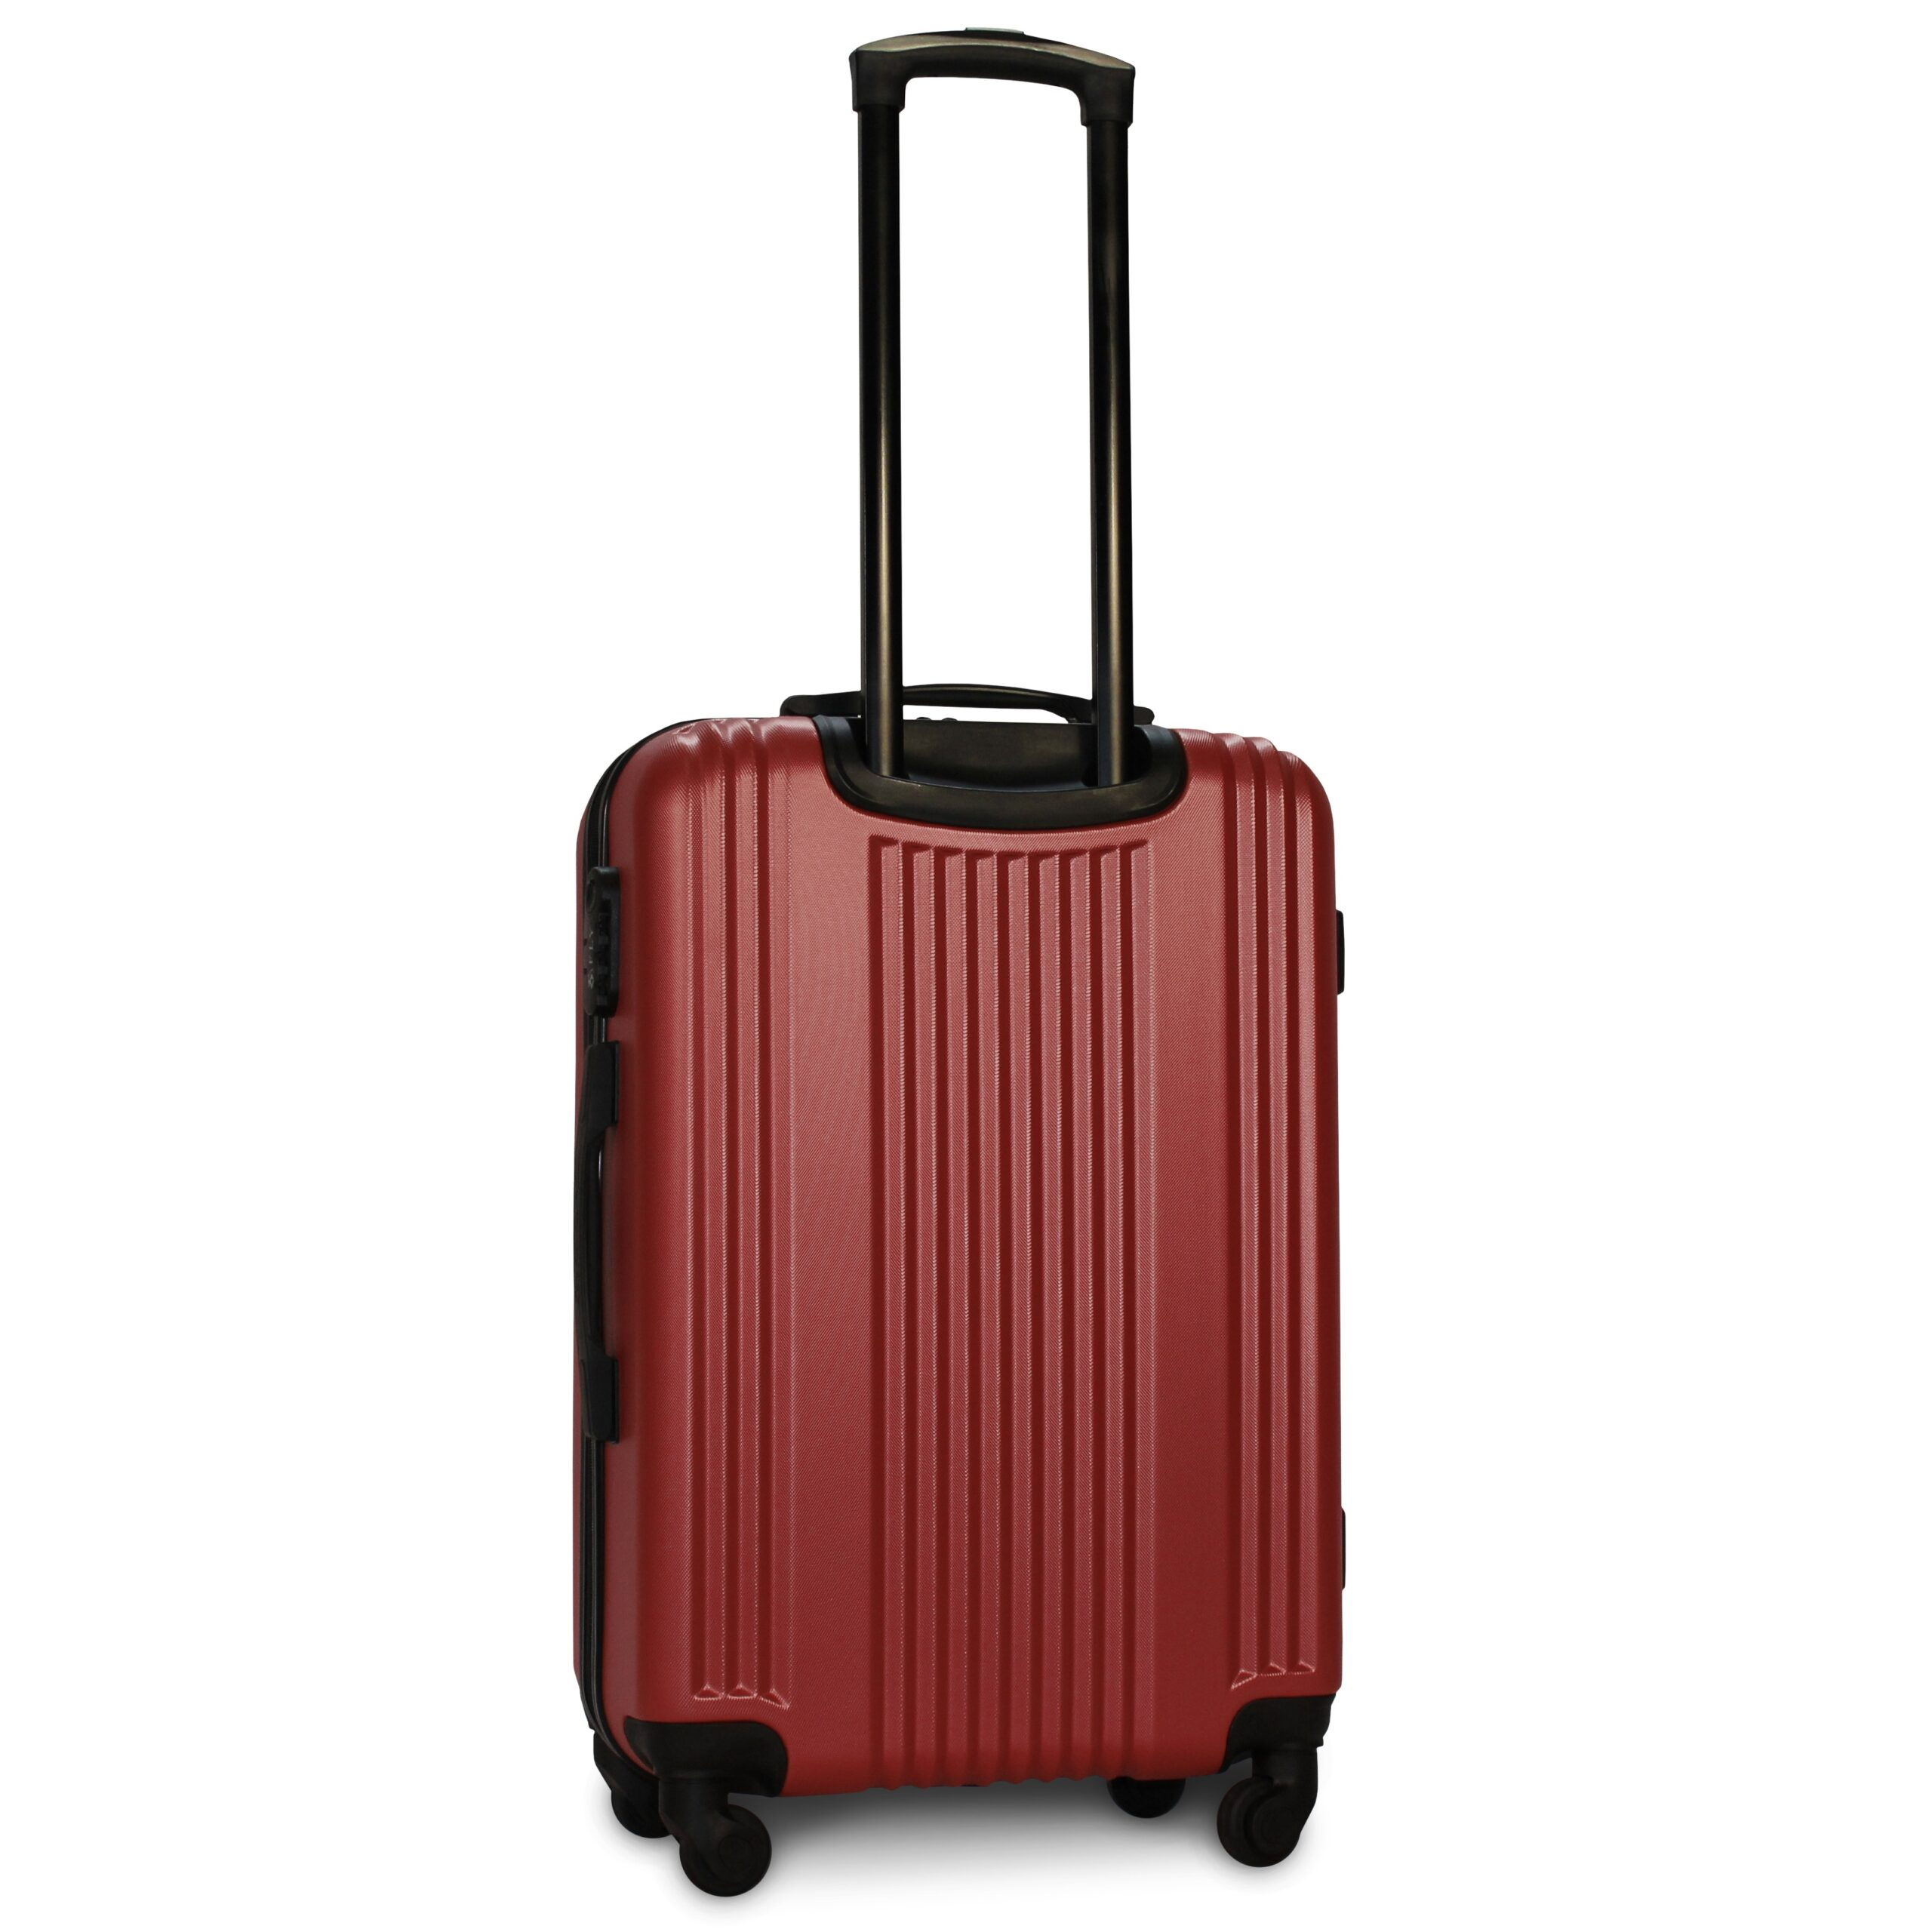 Средний чемодан (M) Fly 614 | пластиковый | бордовый | 64x44x26 см | 62 л | 3,15 кг